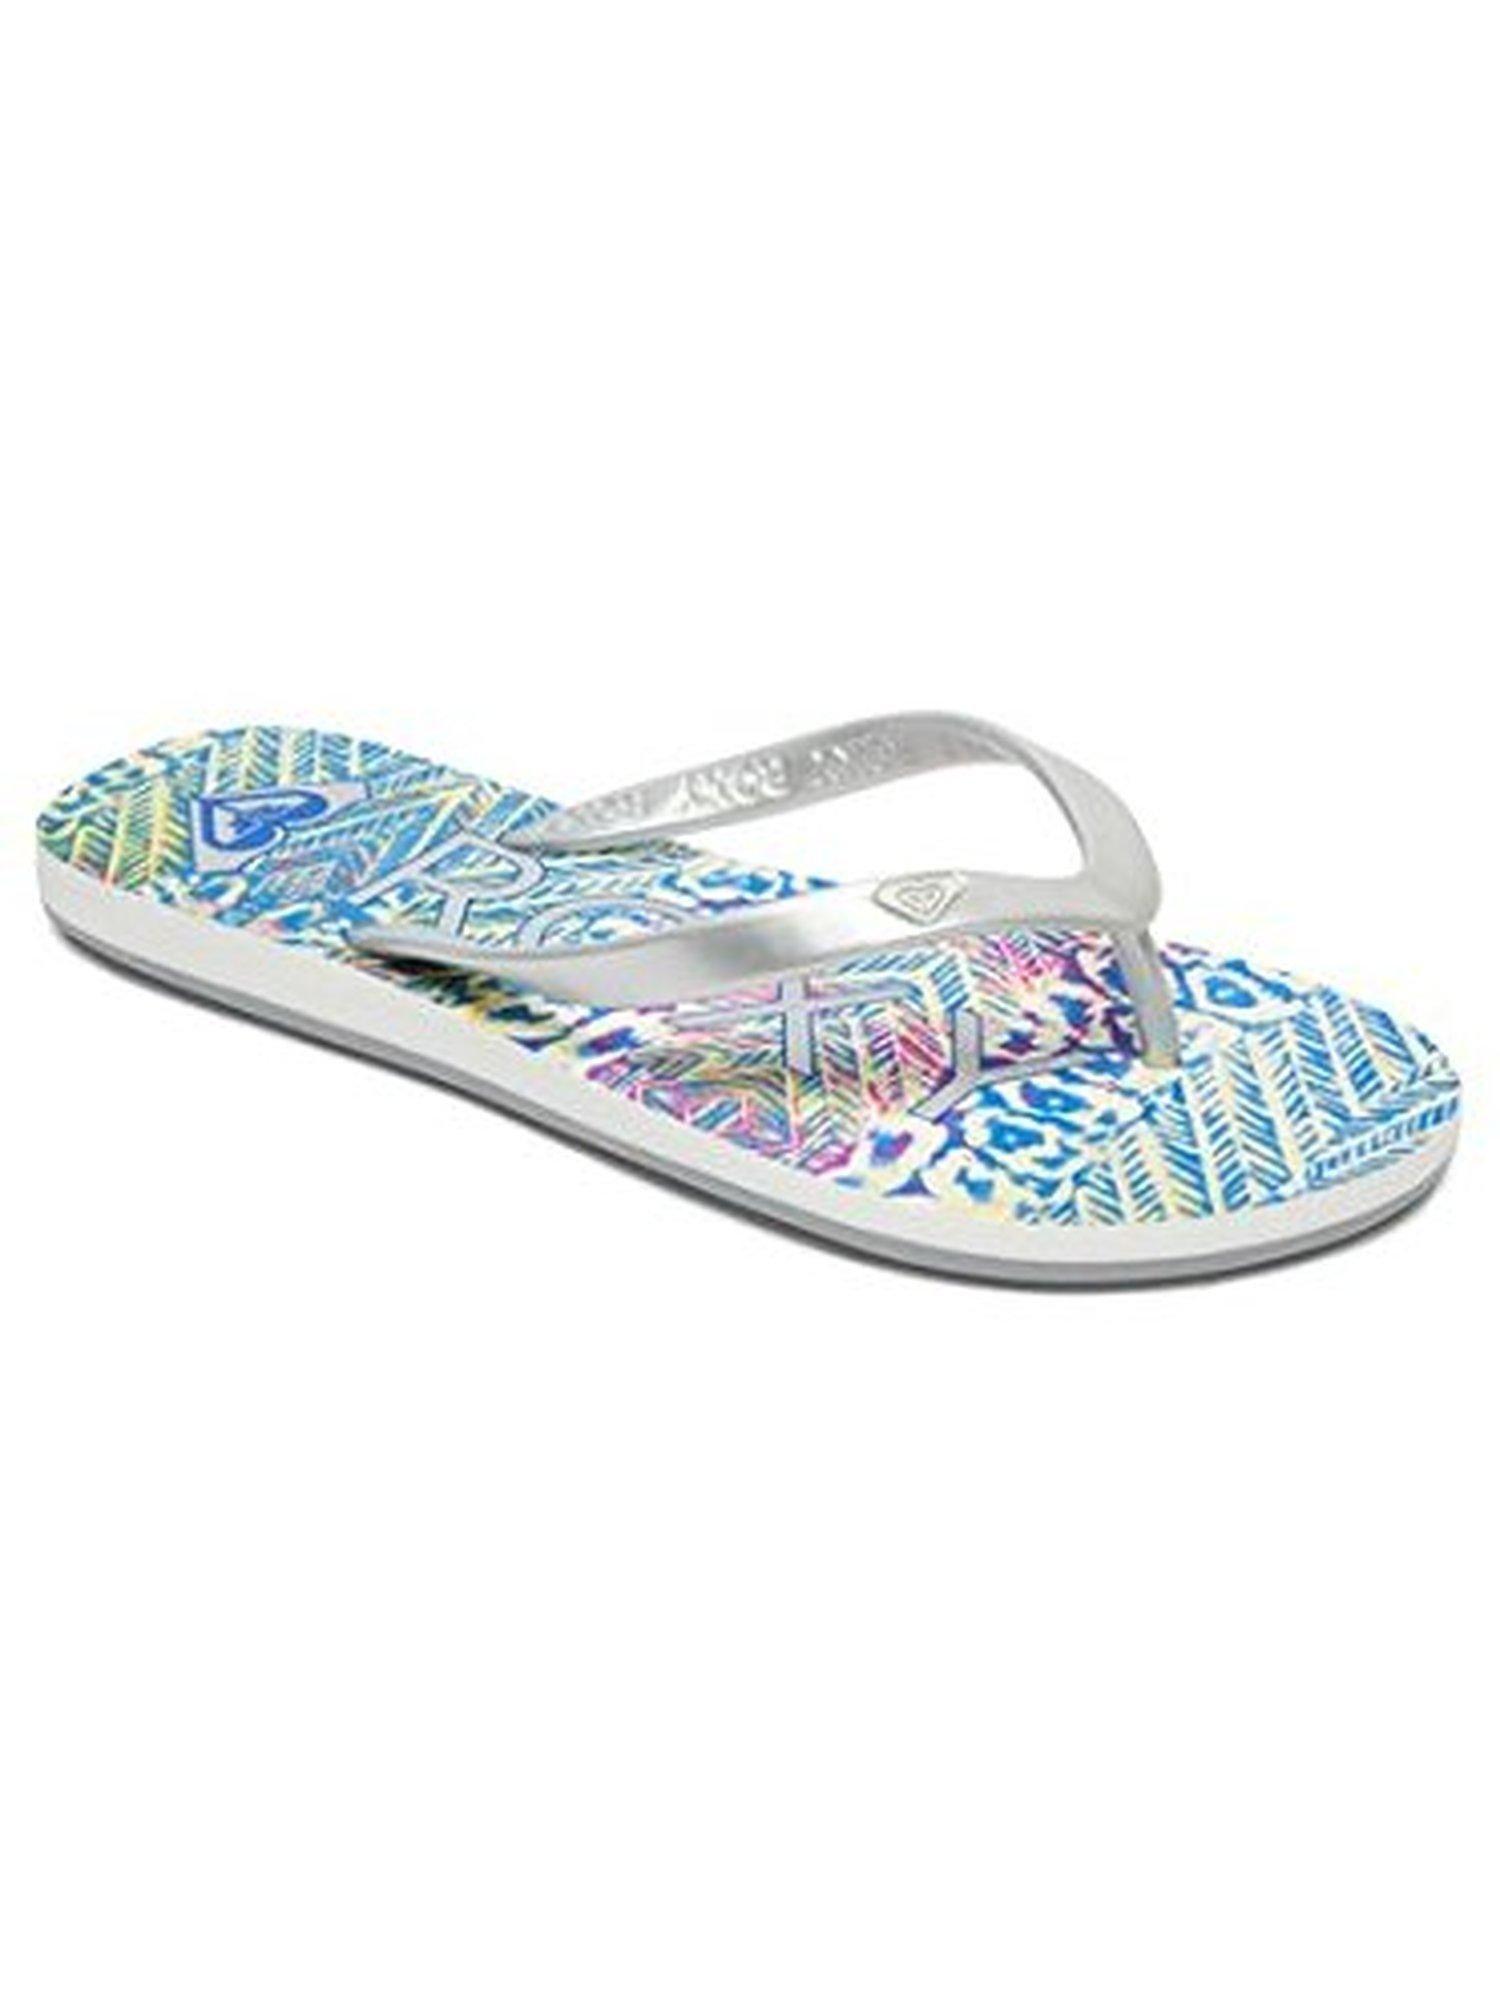 547af7249 Roxy Women s Tahiti V Flip Flops Flip Flop